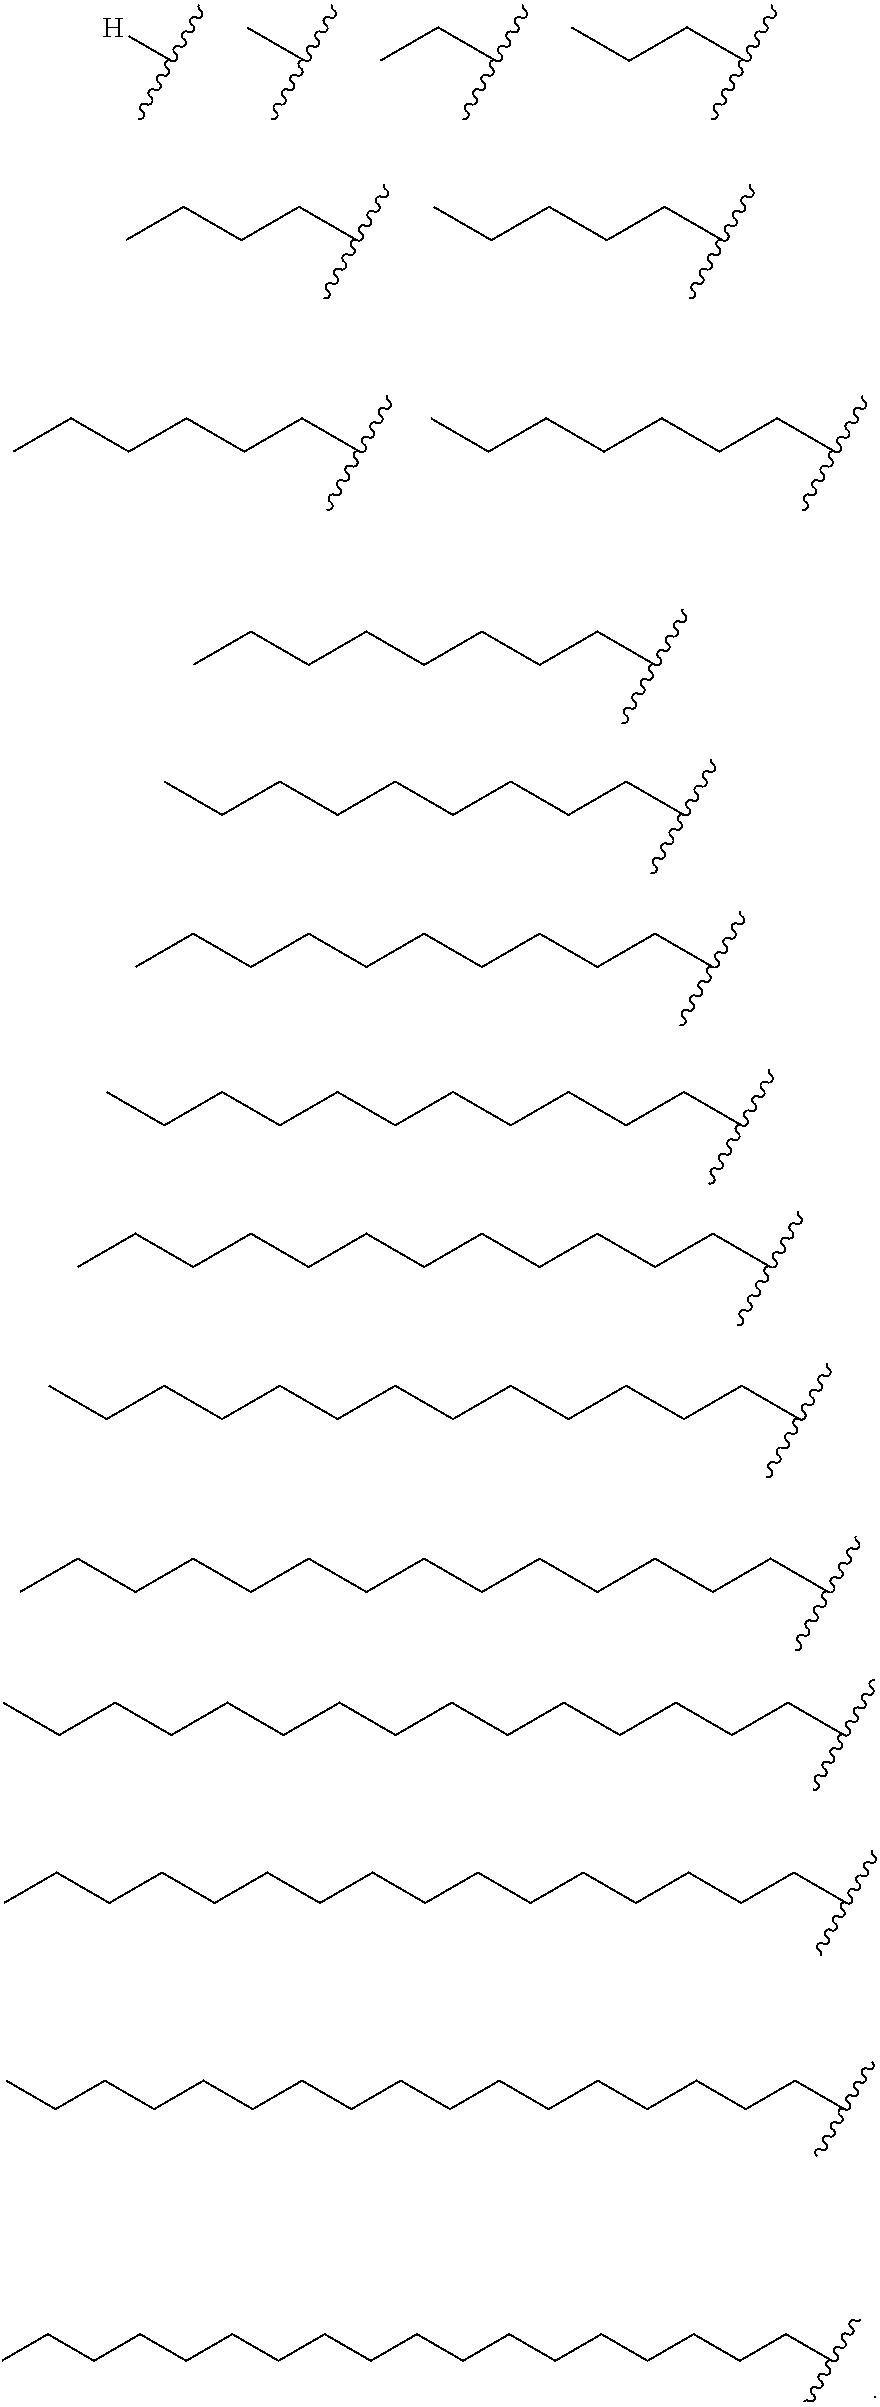 Figure US09193827-20151124-C00045